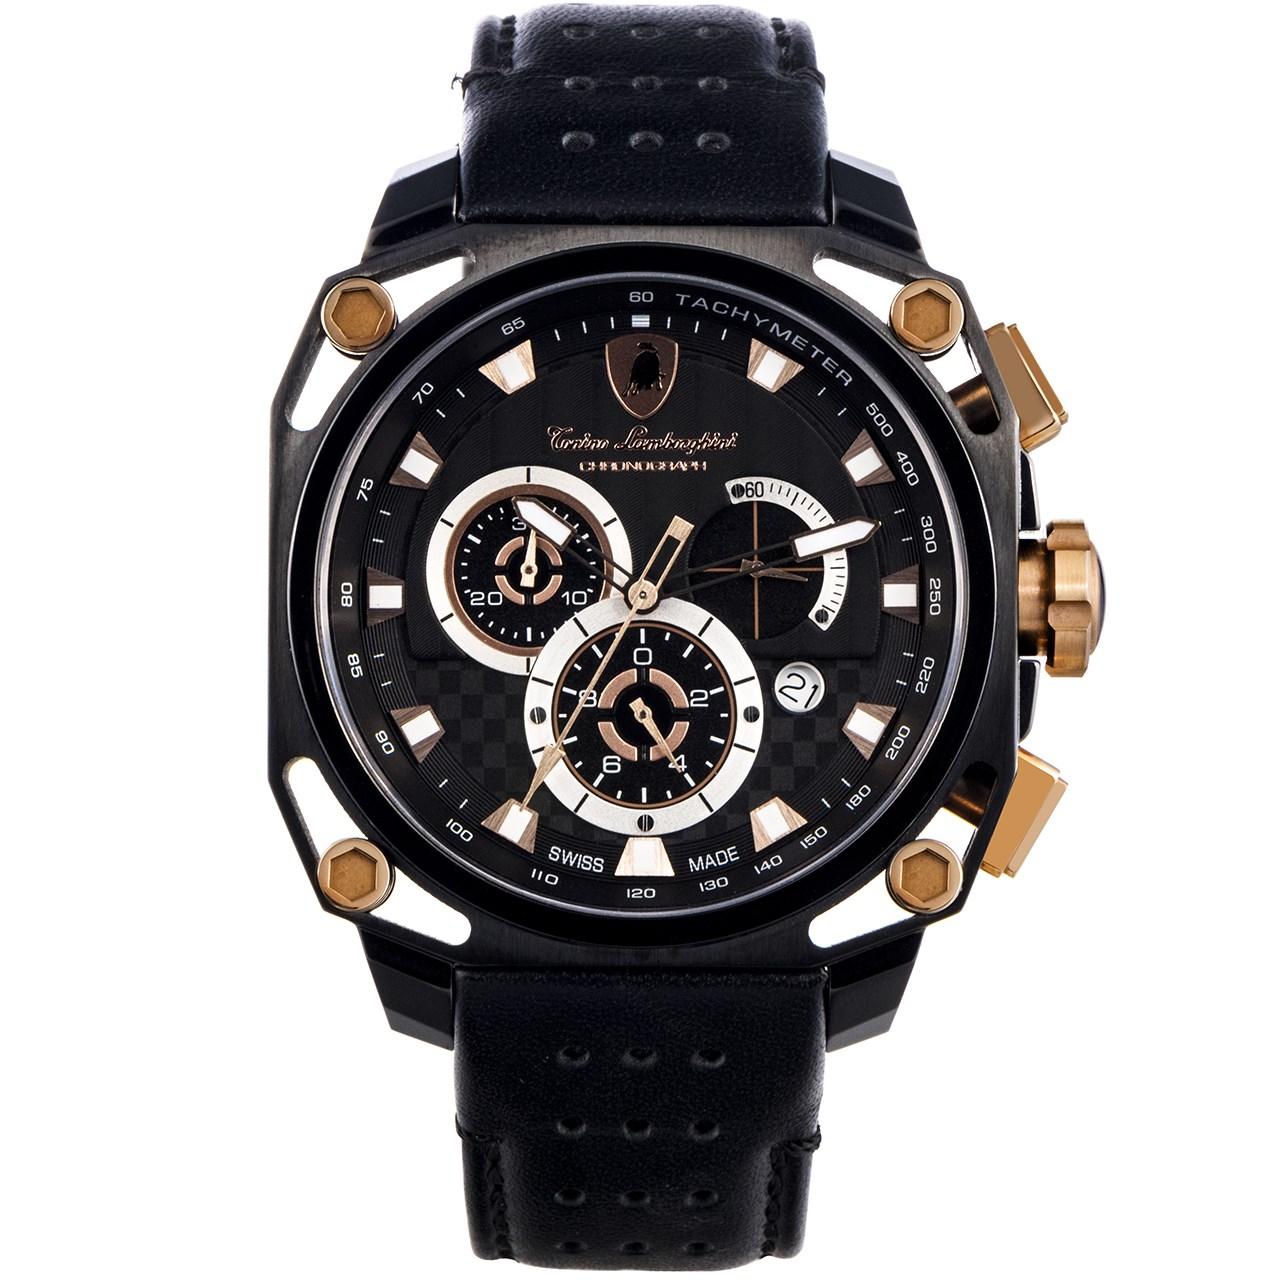 ساعت مچی عقربه ای مردانه تونینو لامبورگینی مدل TL-4850 26